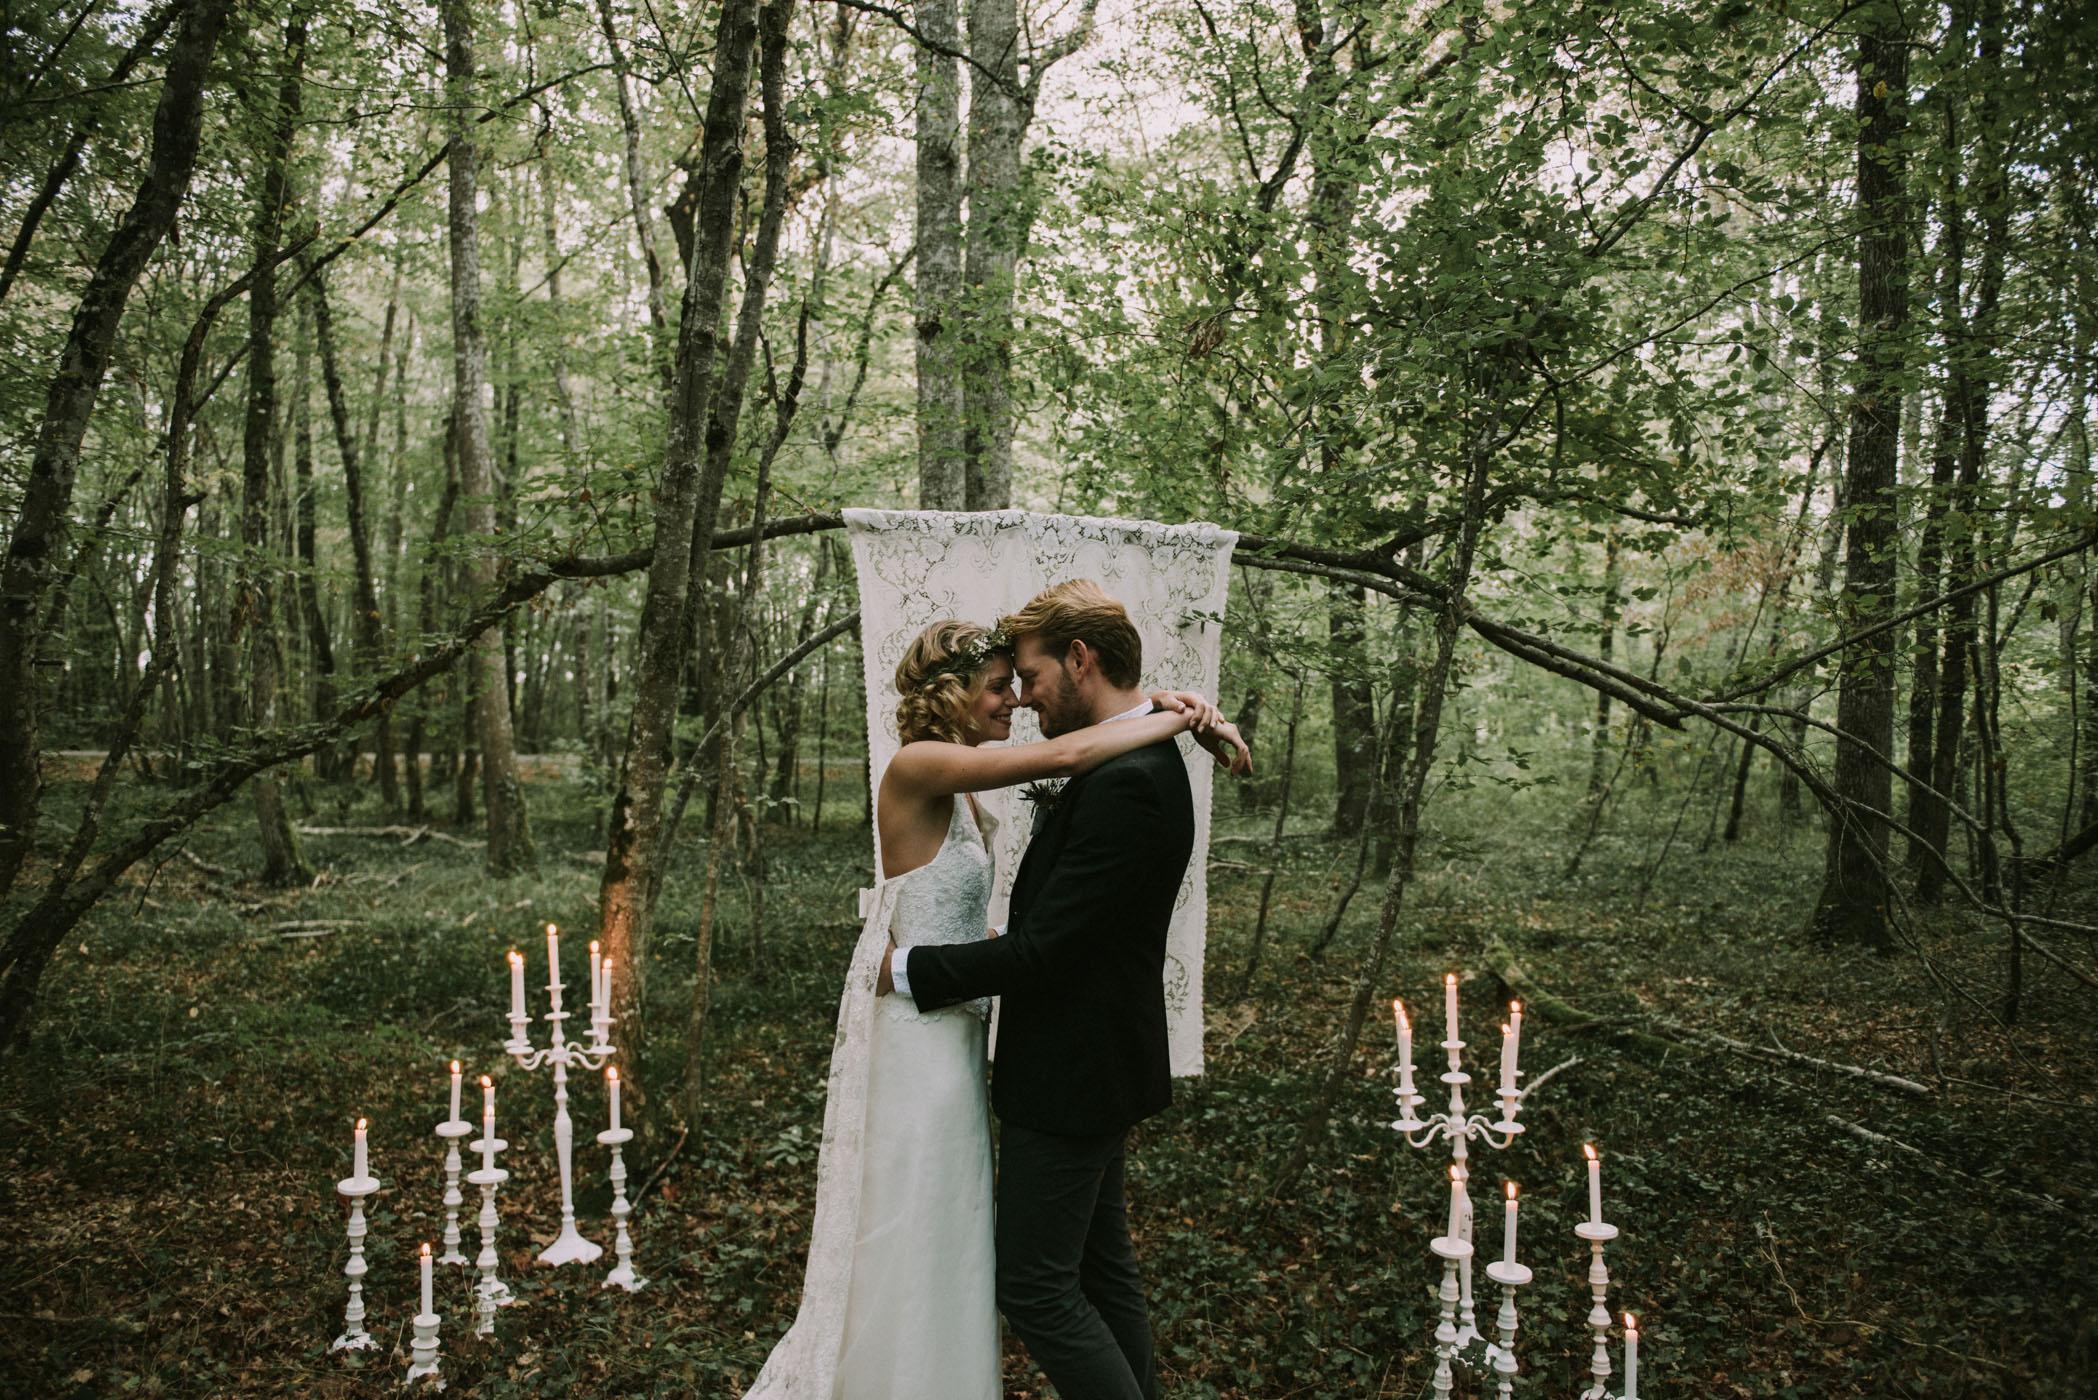 sun-drops-down-shooting-dinspiration-automnal-sous-les-bois-en-dordogne-blog-mariage-la-mariee-sous-les-etoiles-photo-mira-al-pajarito-86